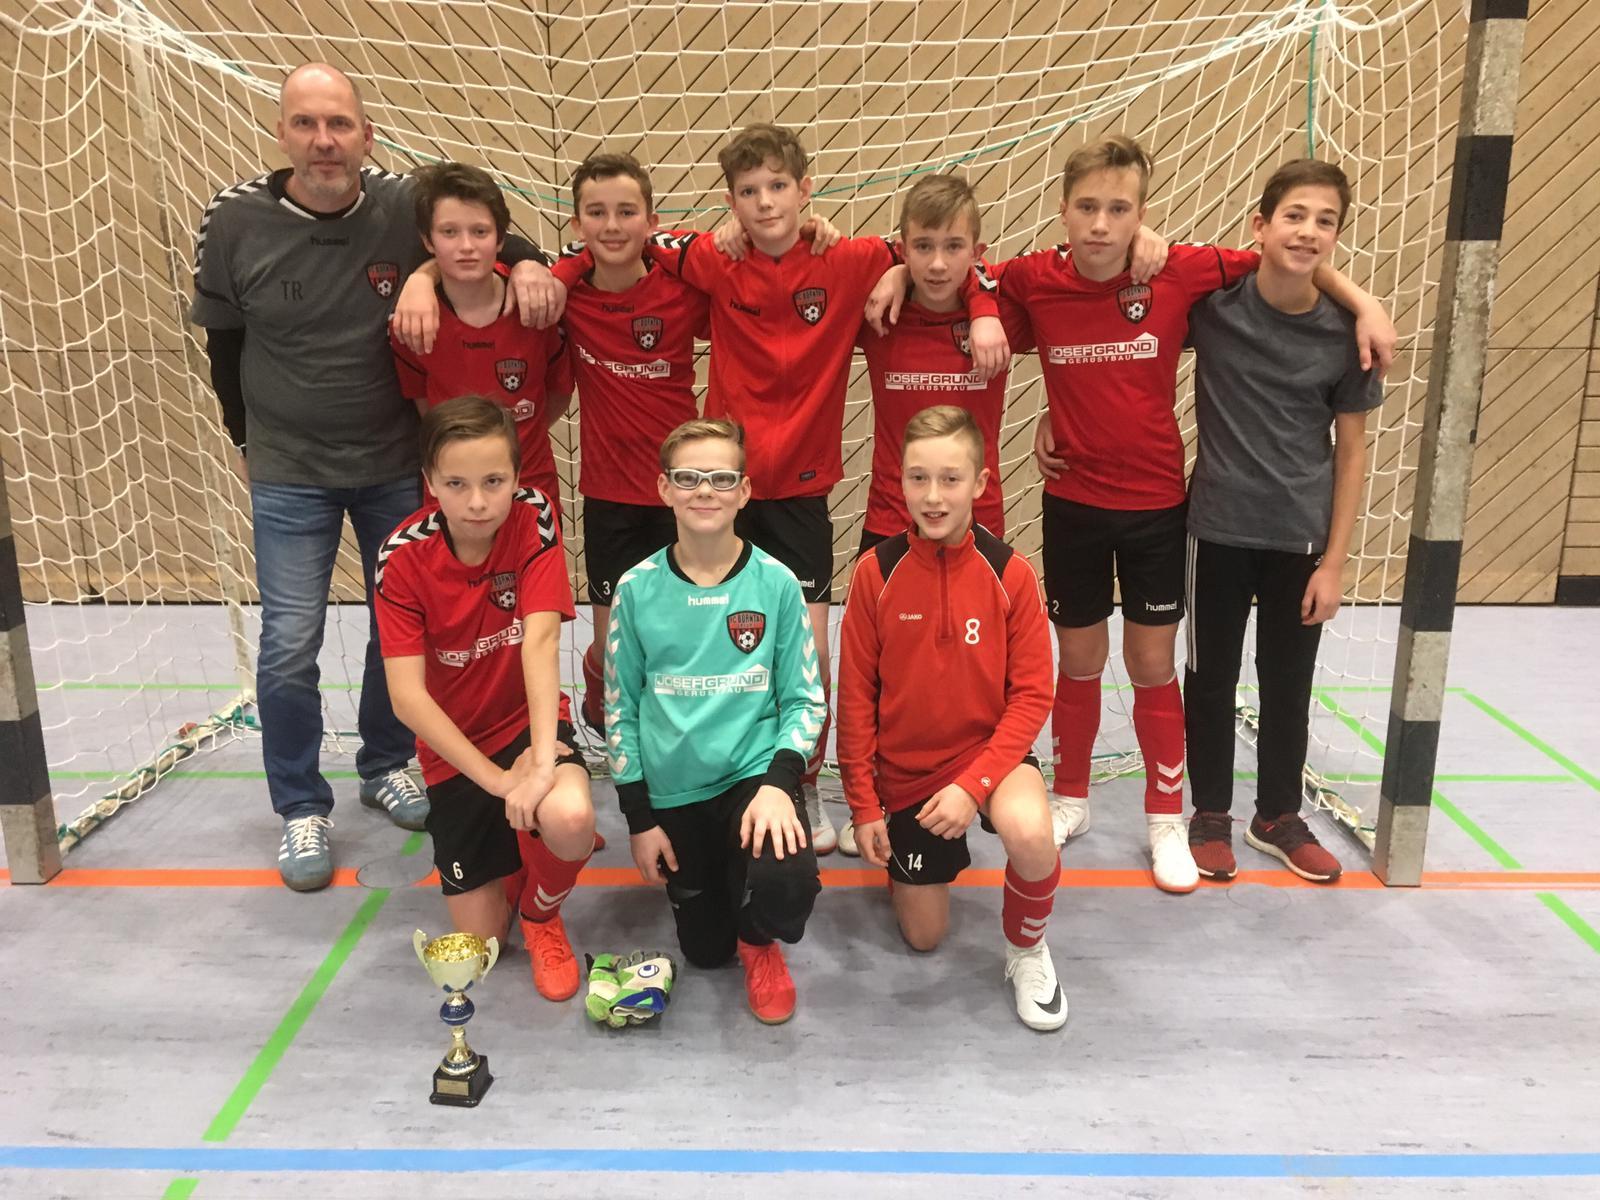 Leistungsvergleich Futsal Dessau